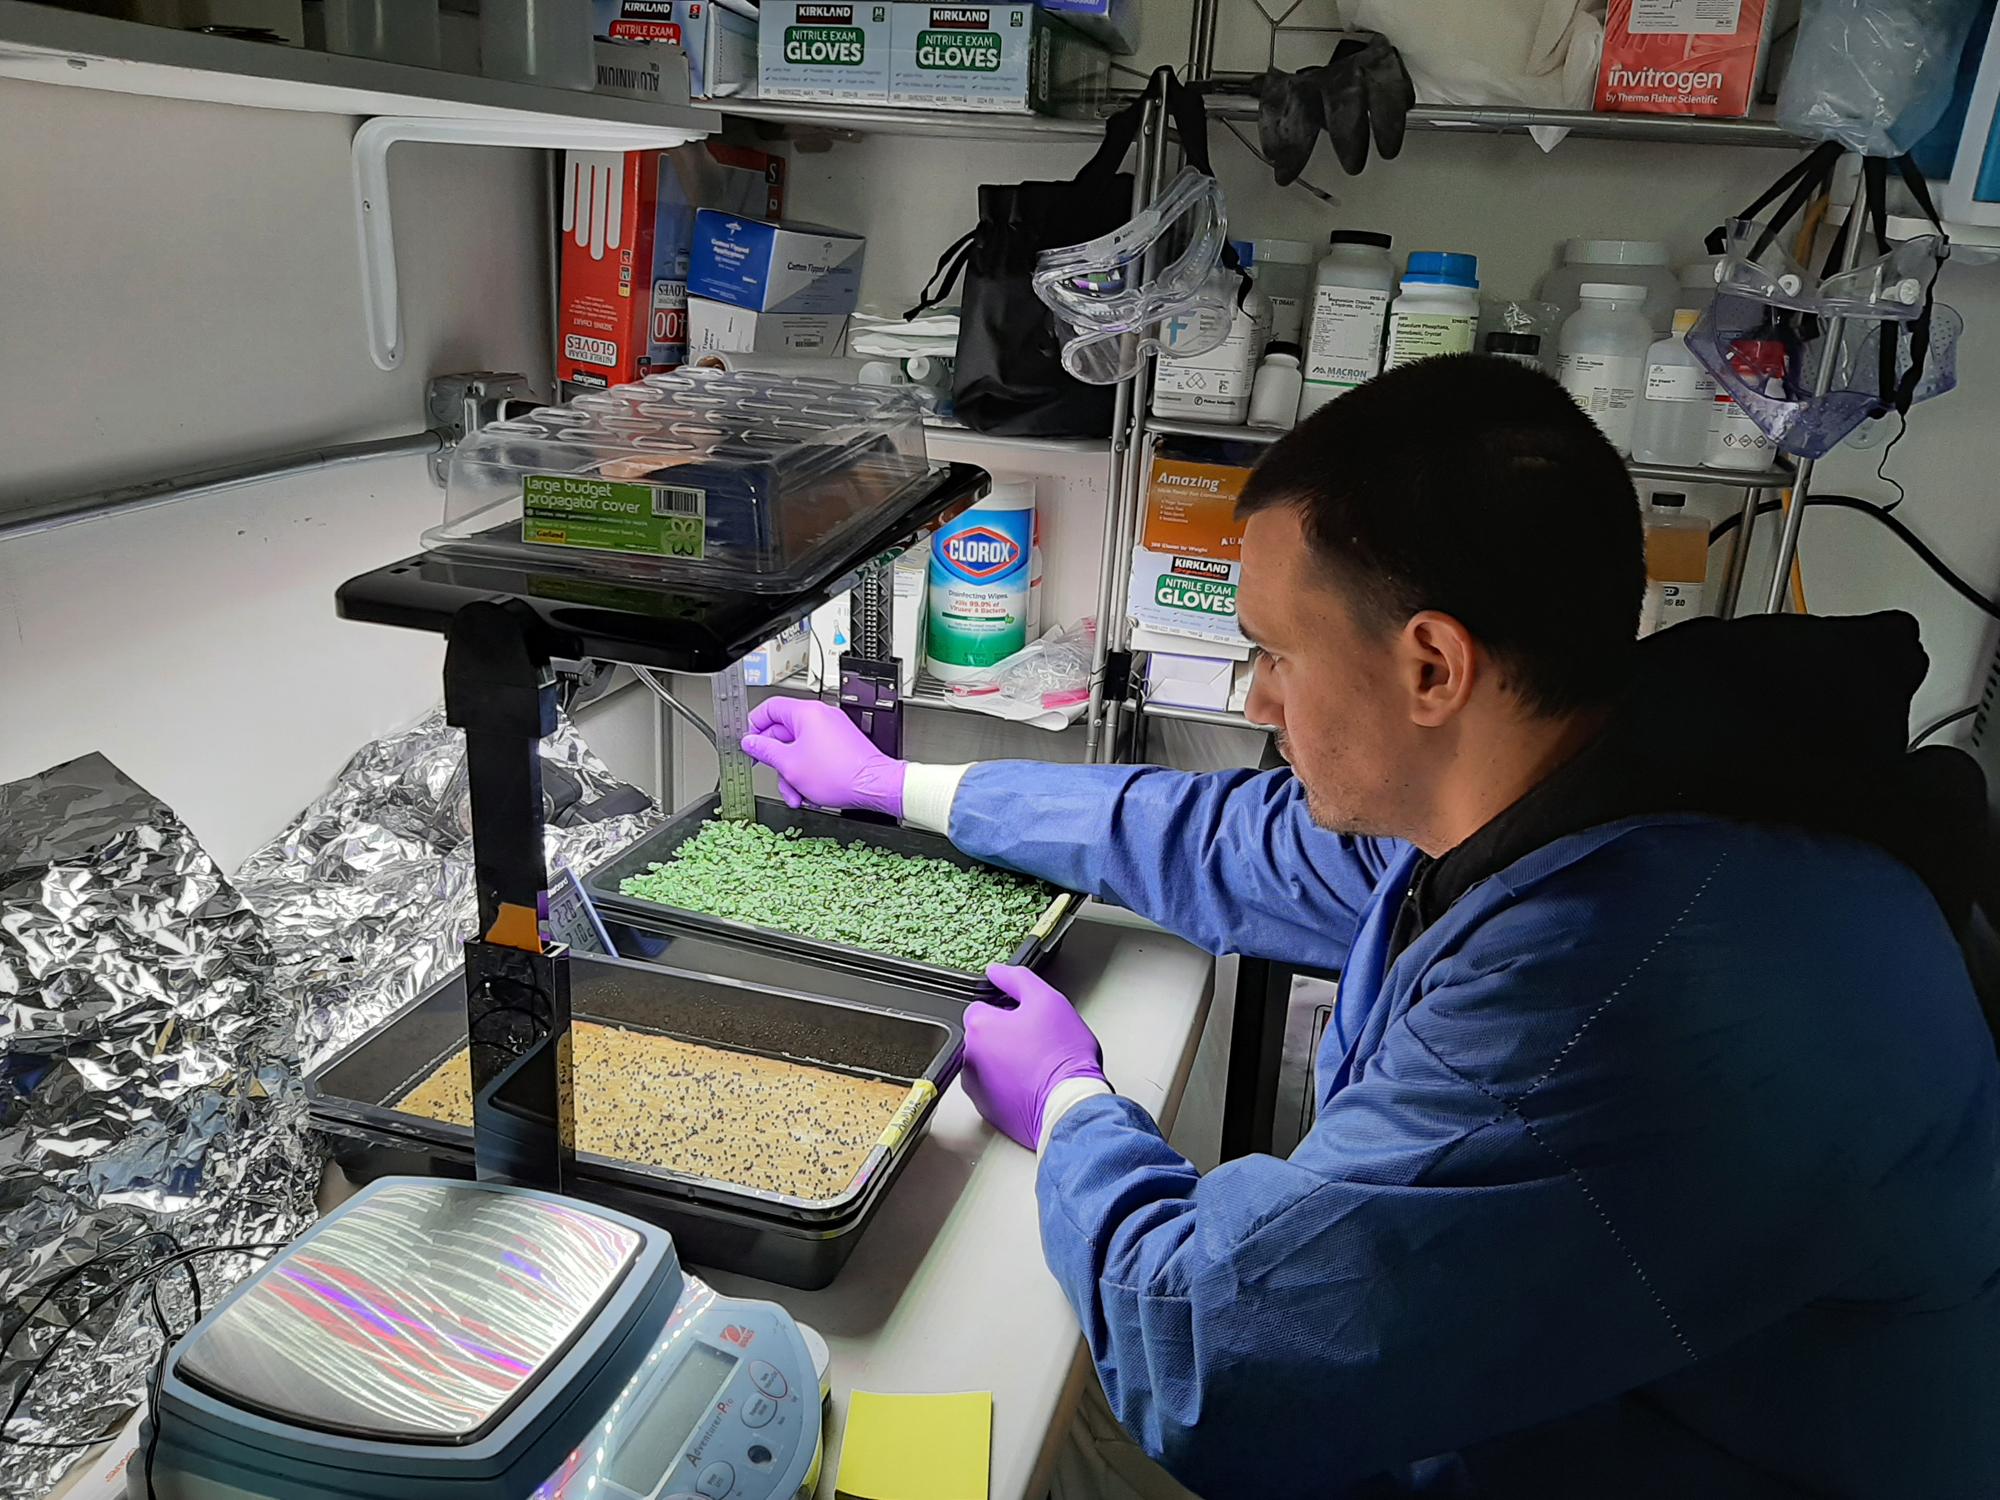 L'agent de biosciences Jason Fischer prépare les microgreens pour la récolte à partir de son expérience de système de survie bio-régénératrice.